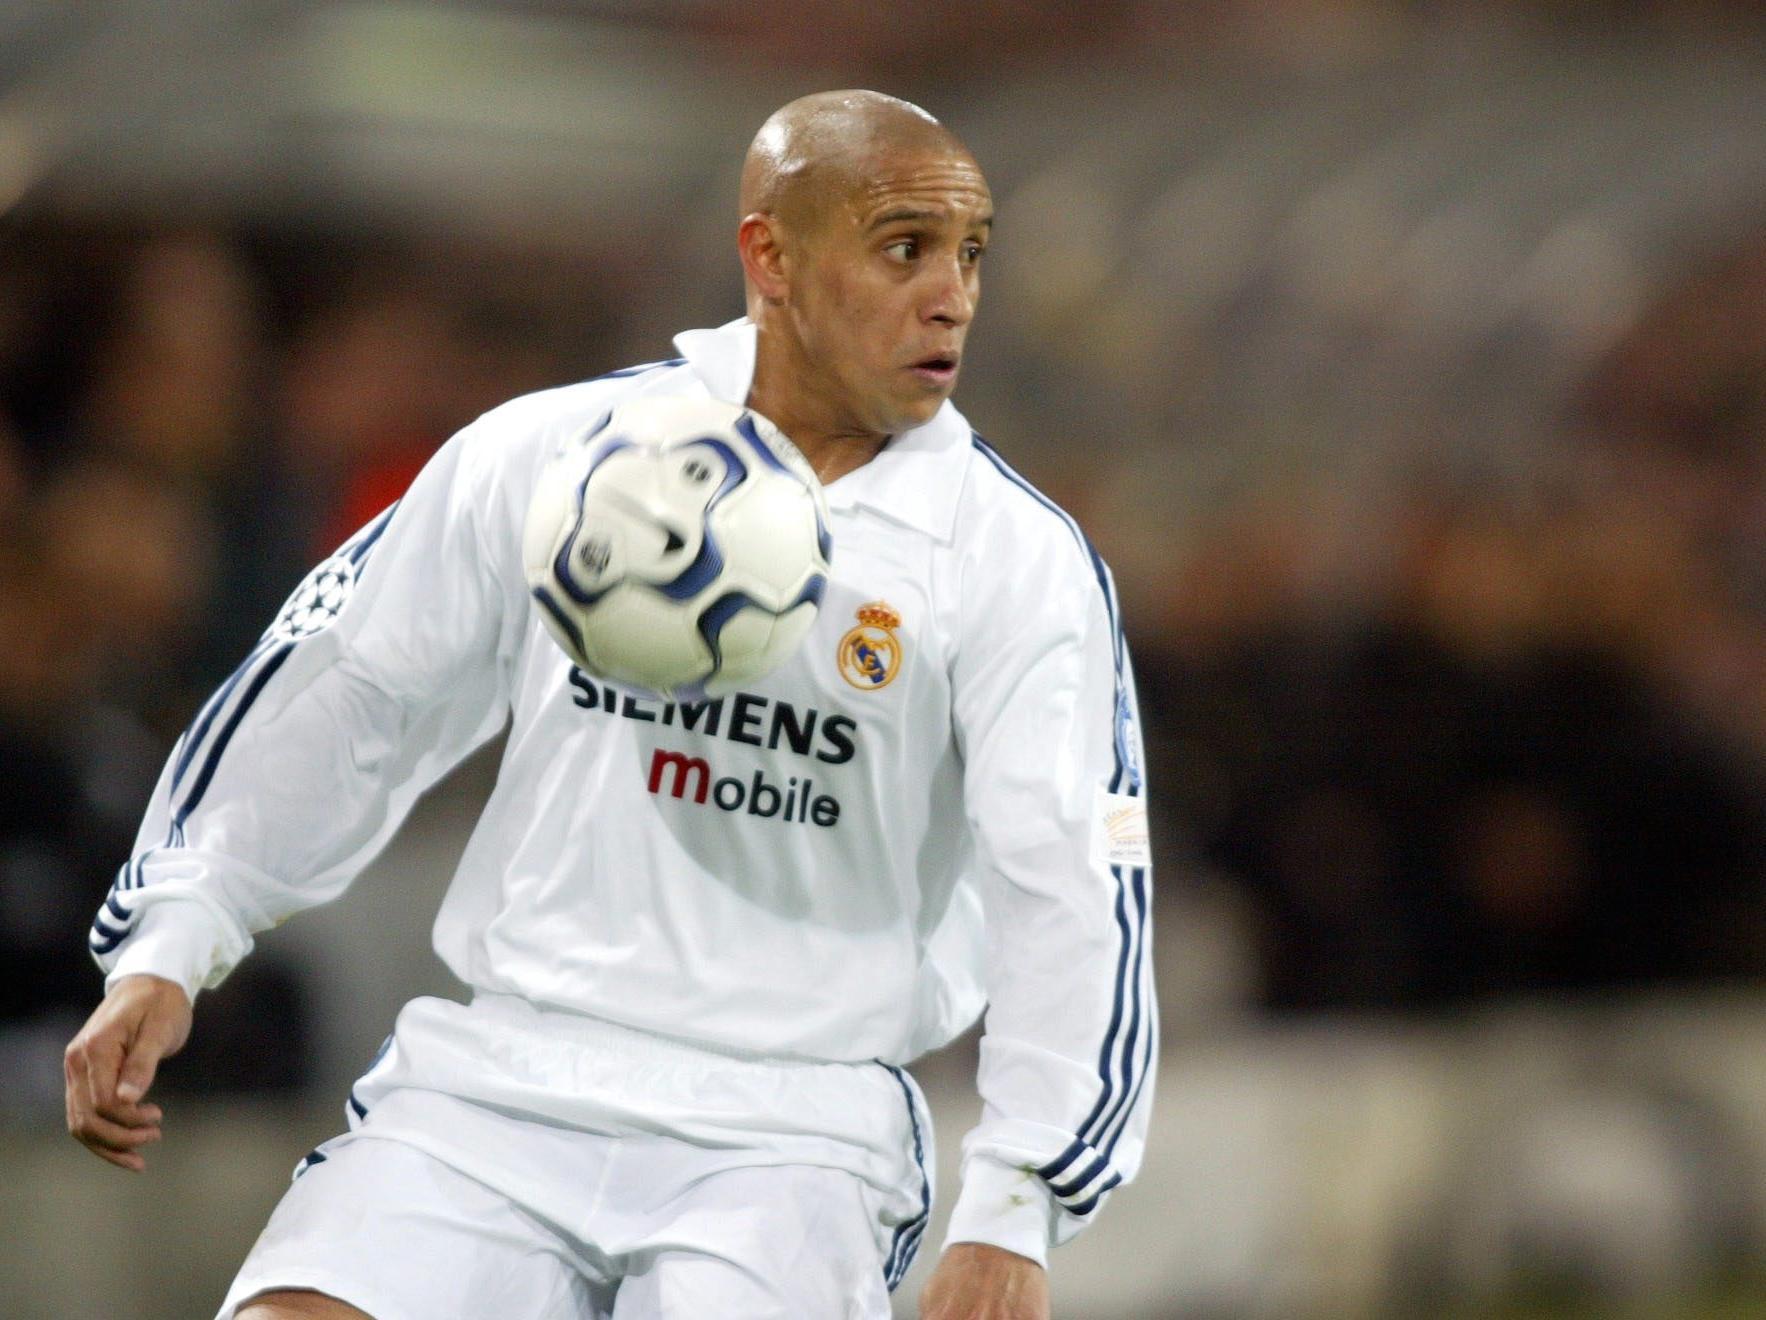 38. Roberto Carlos